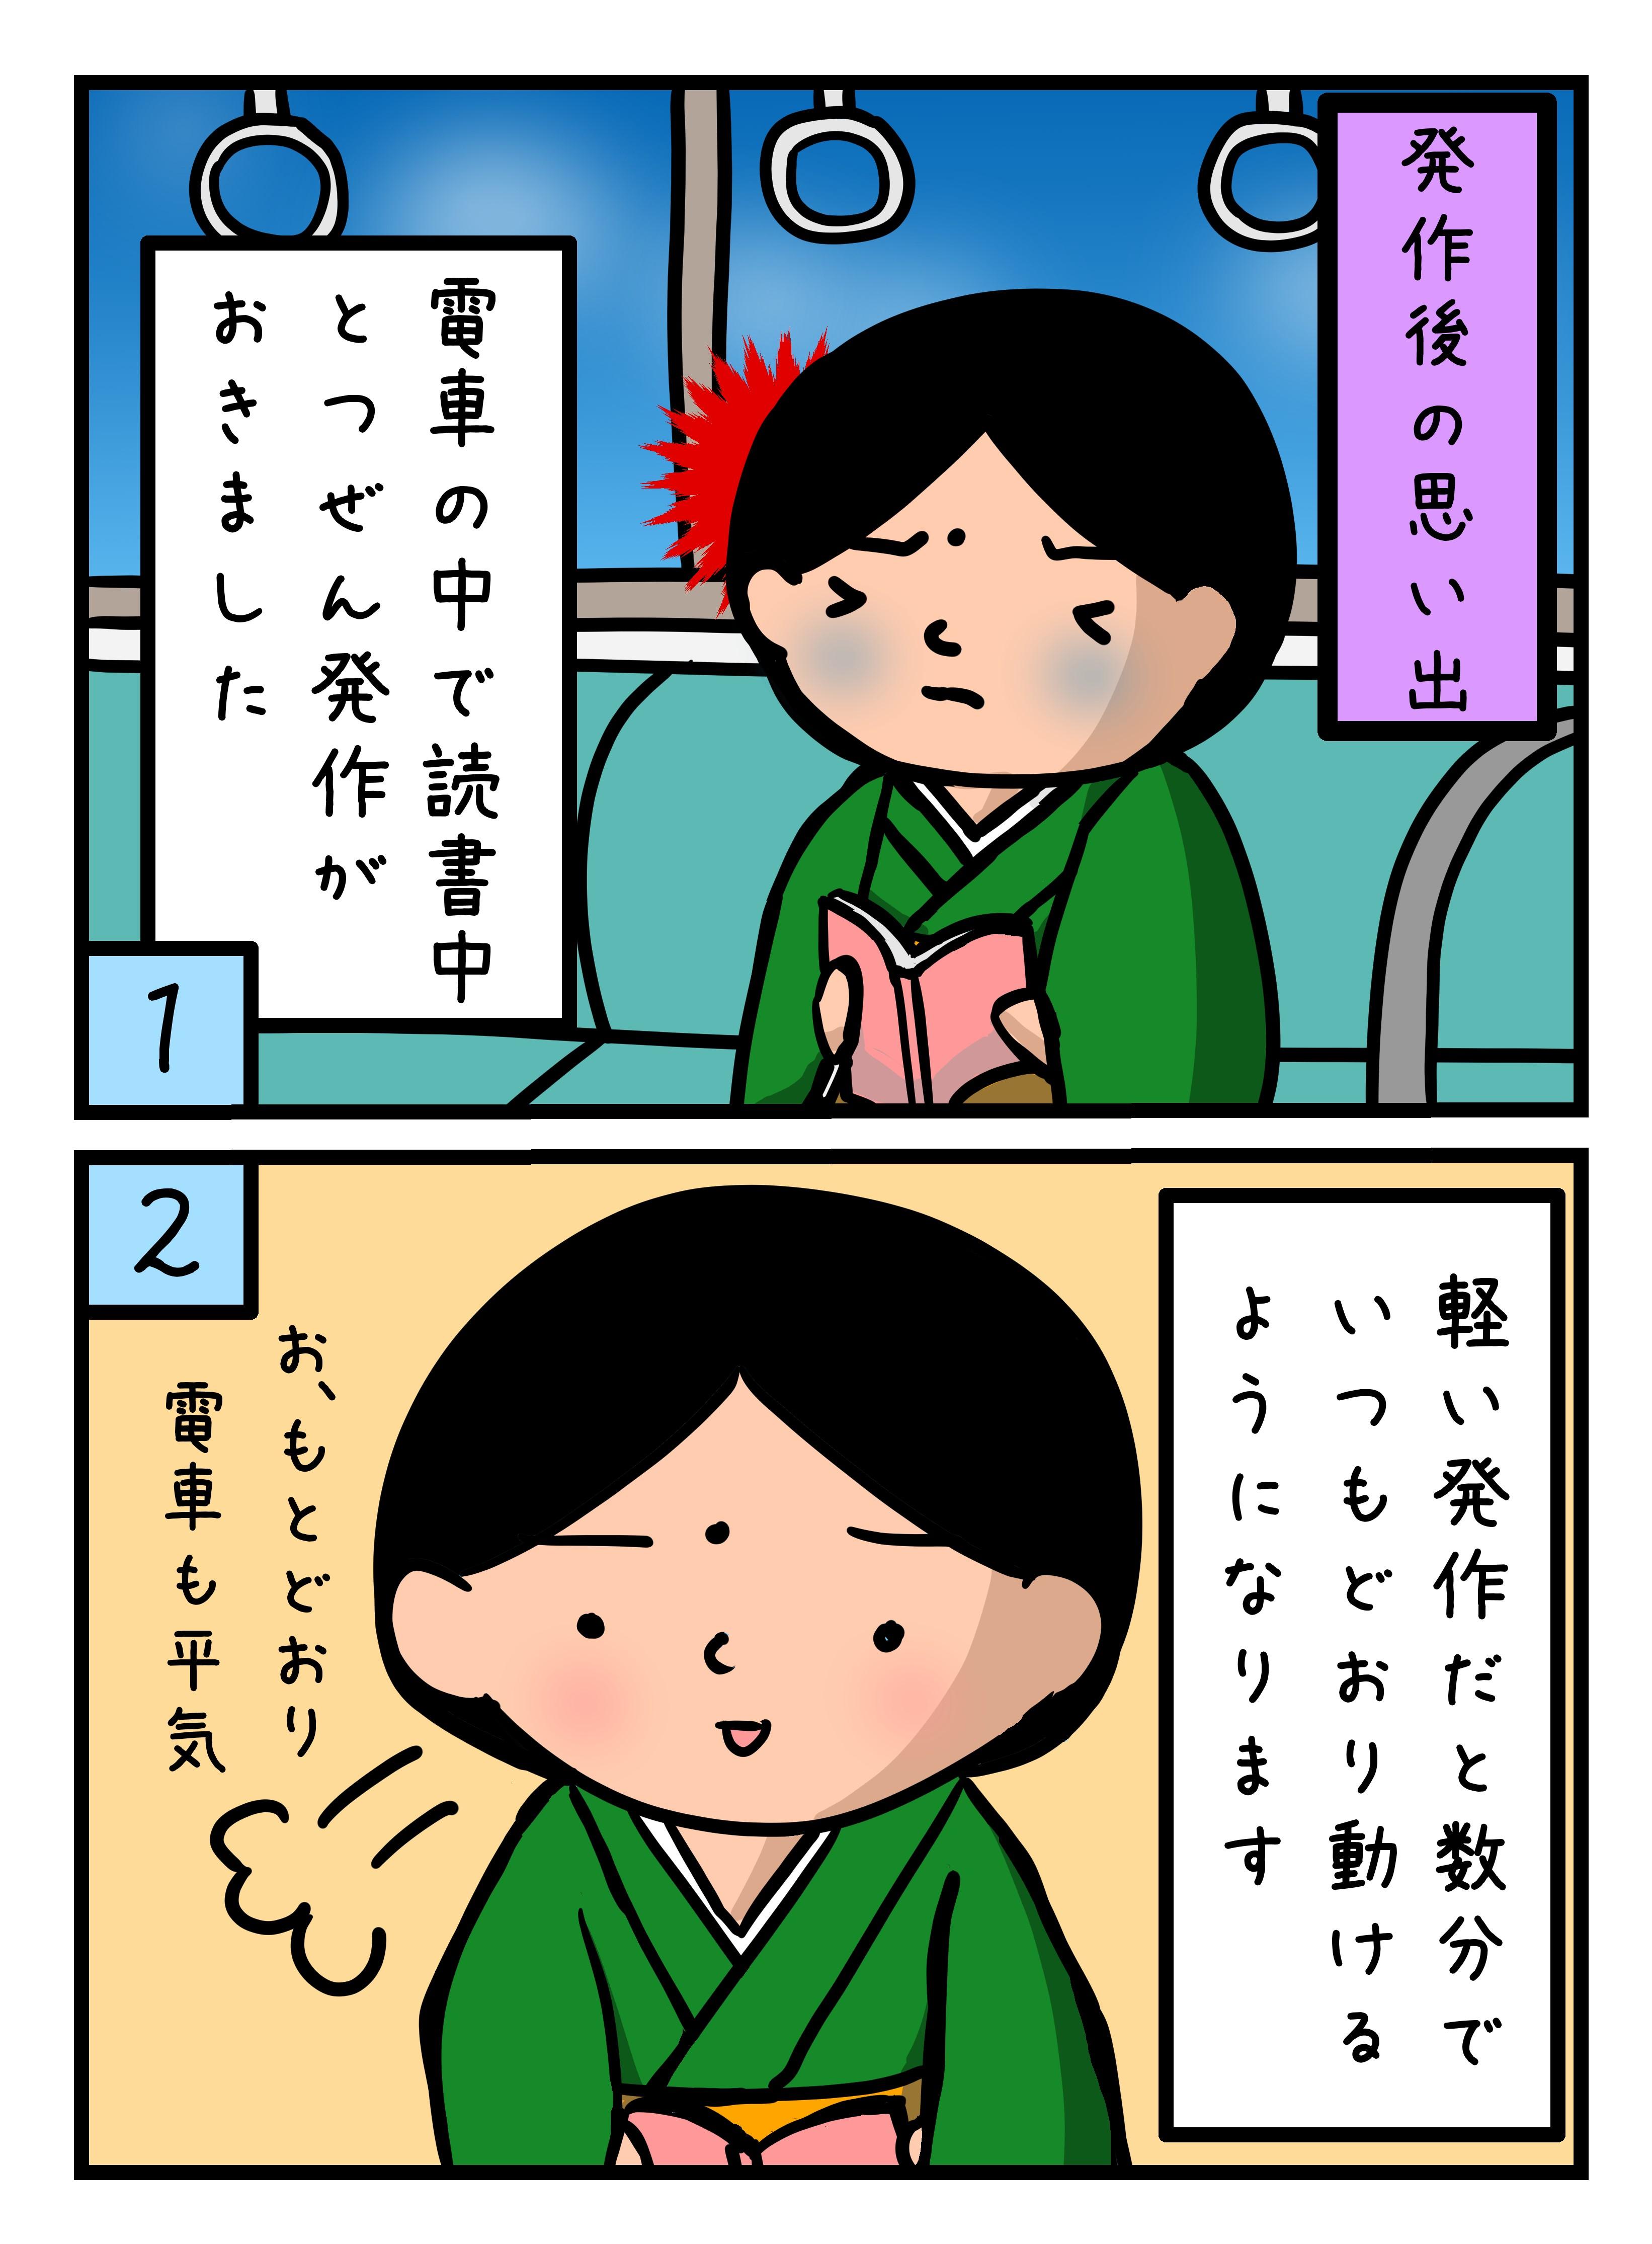 電車の中で読書中とつぜん発作がおきました